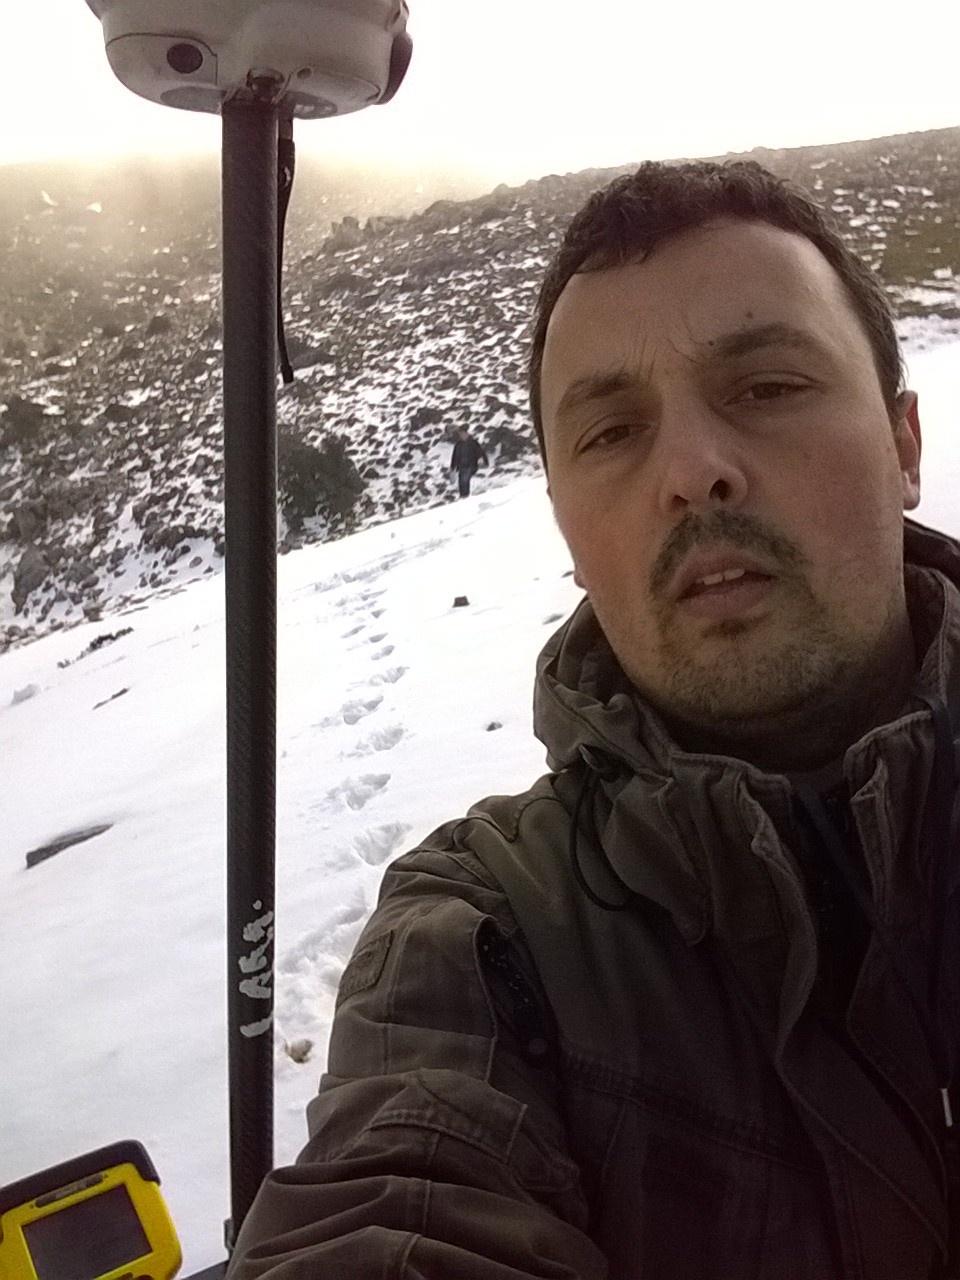 https://0501.nccdn.net/4_2/000/000/064/d40/WP_20150314_15_45_17_Selfie-960x1280.jpg